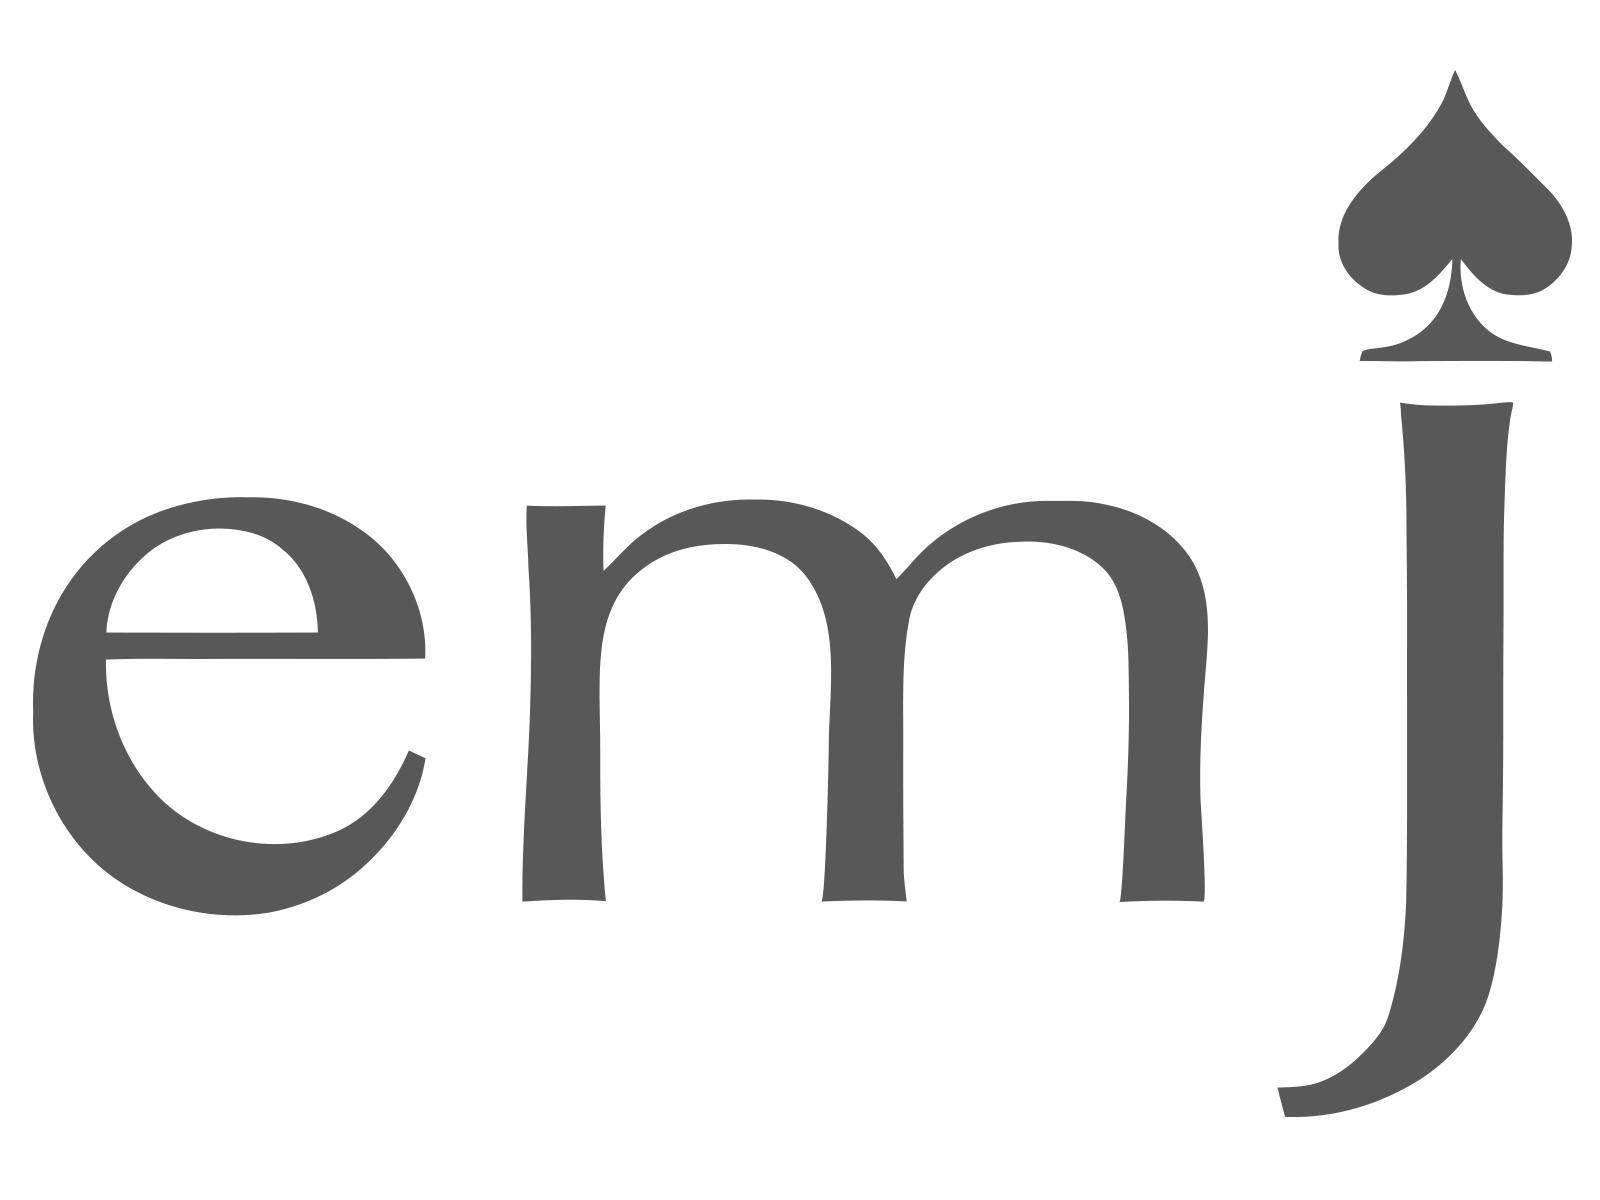 The emJ Company